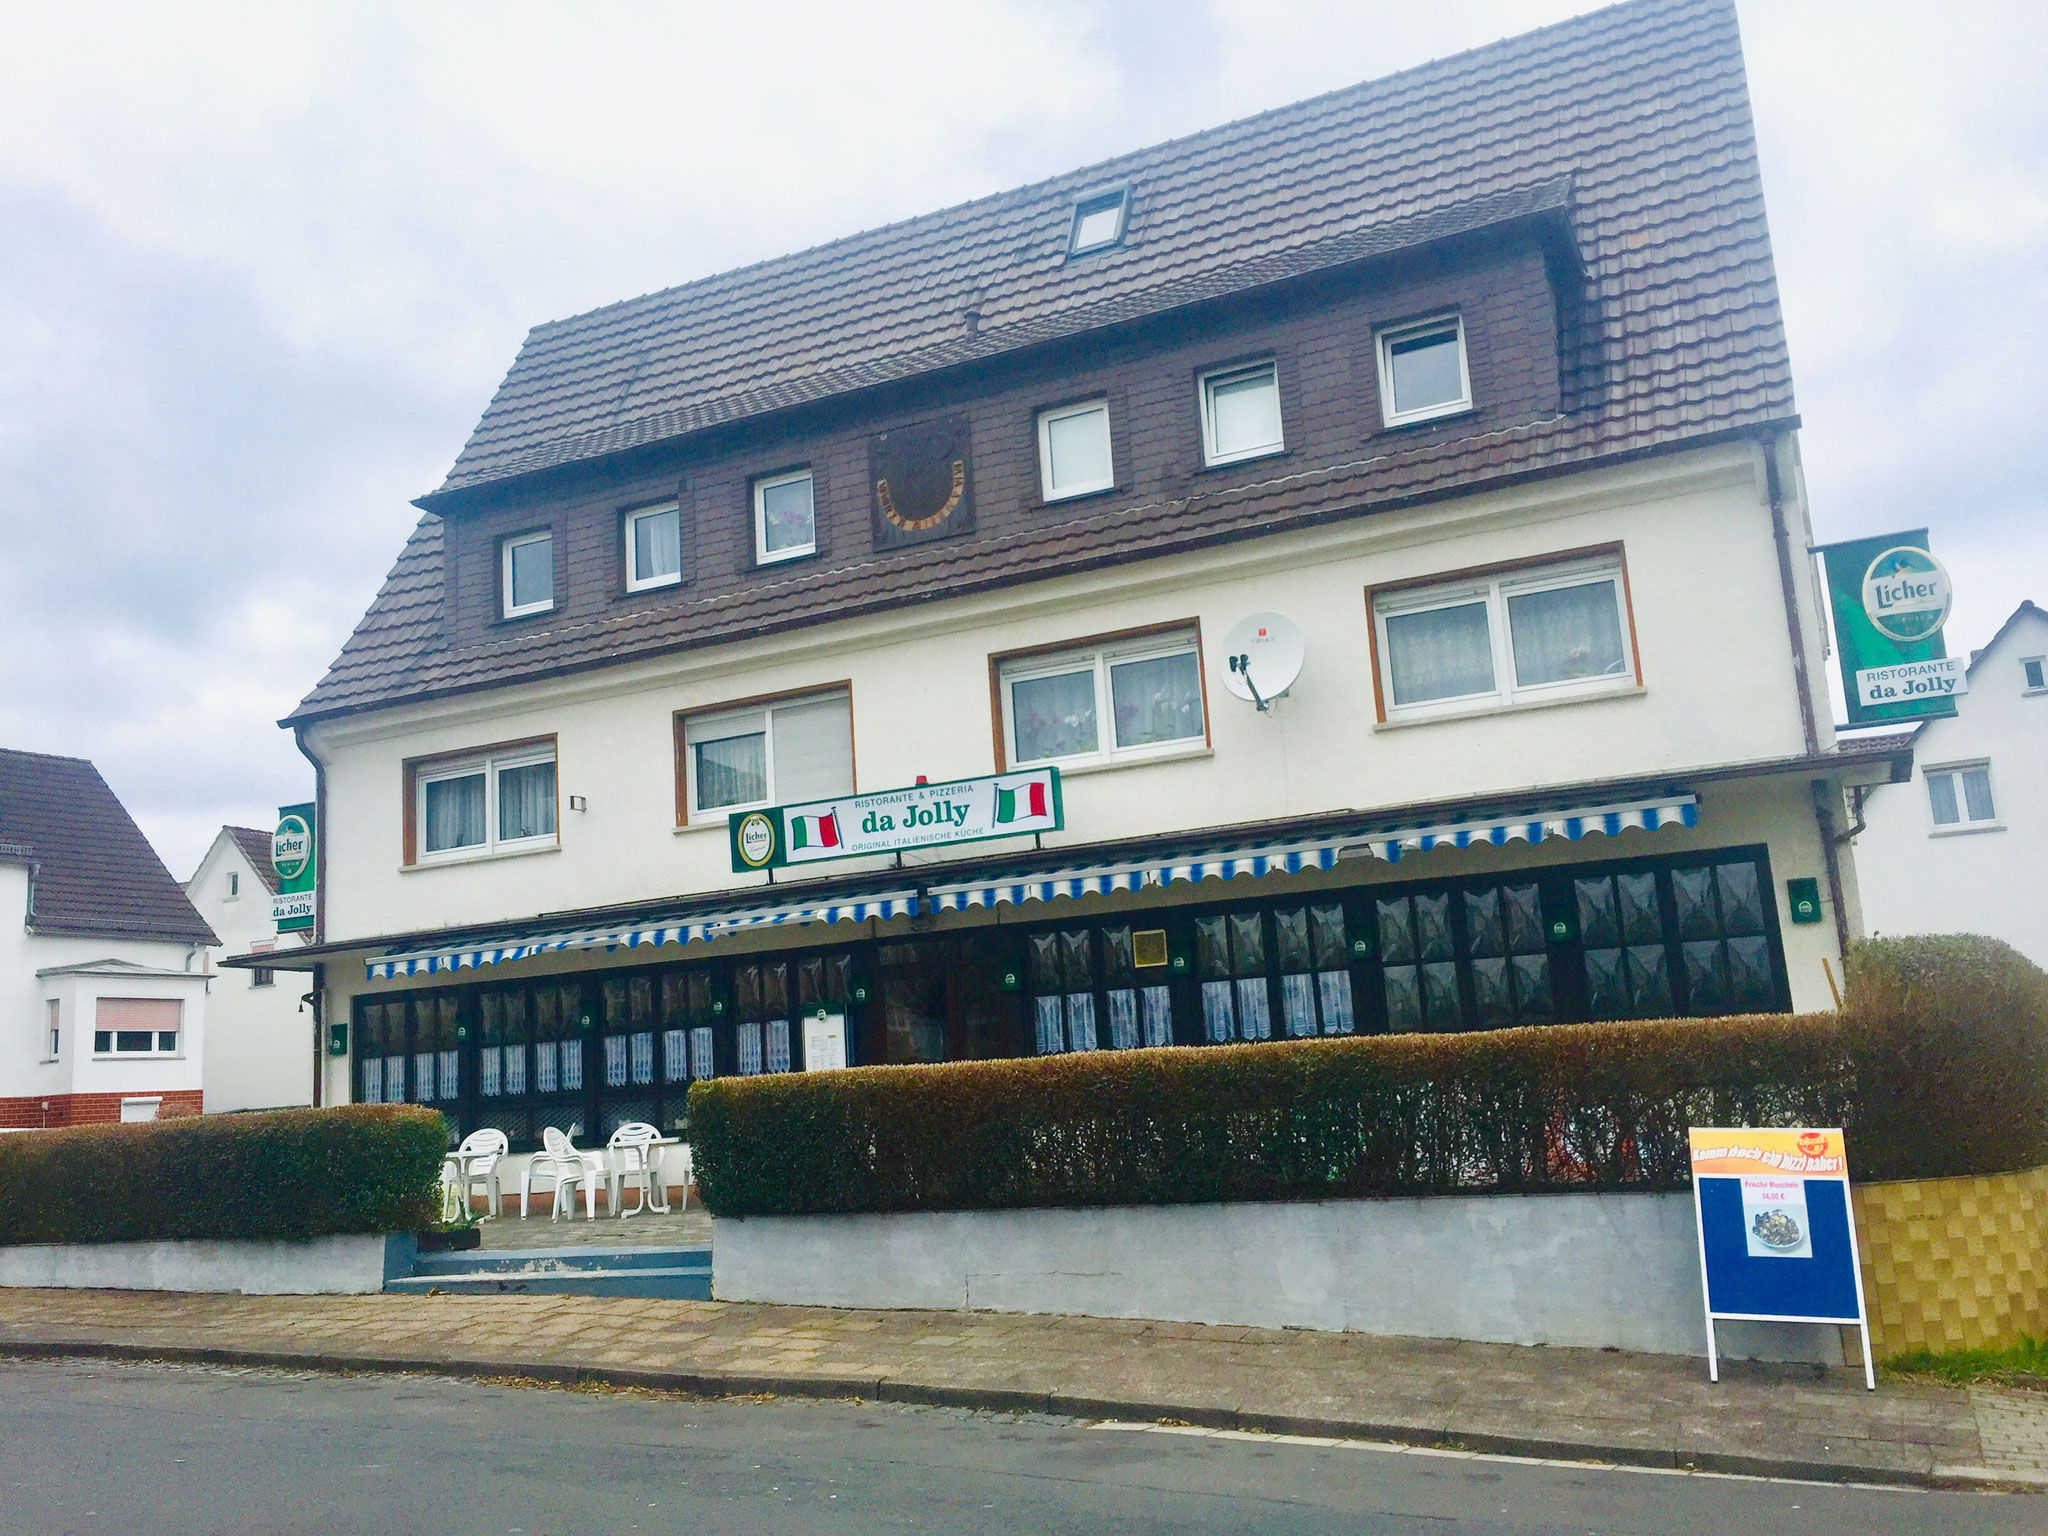 Mehrfamilienhaus in Butzbach - 5 Wohneinheiten und 1 Gewerbeeinheit